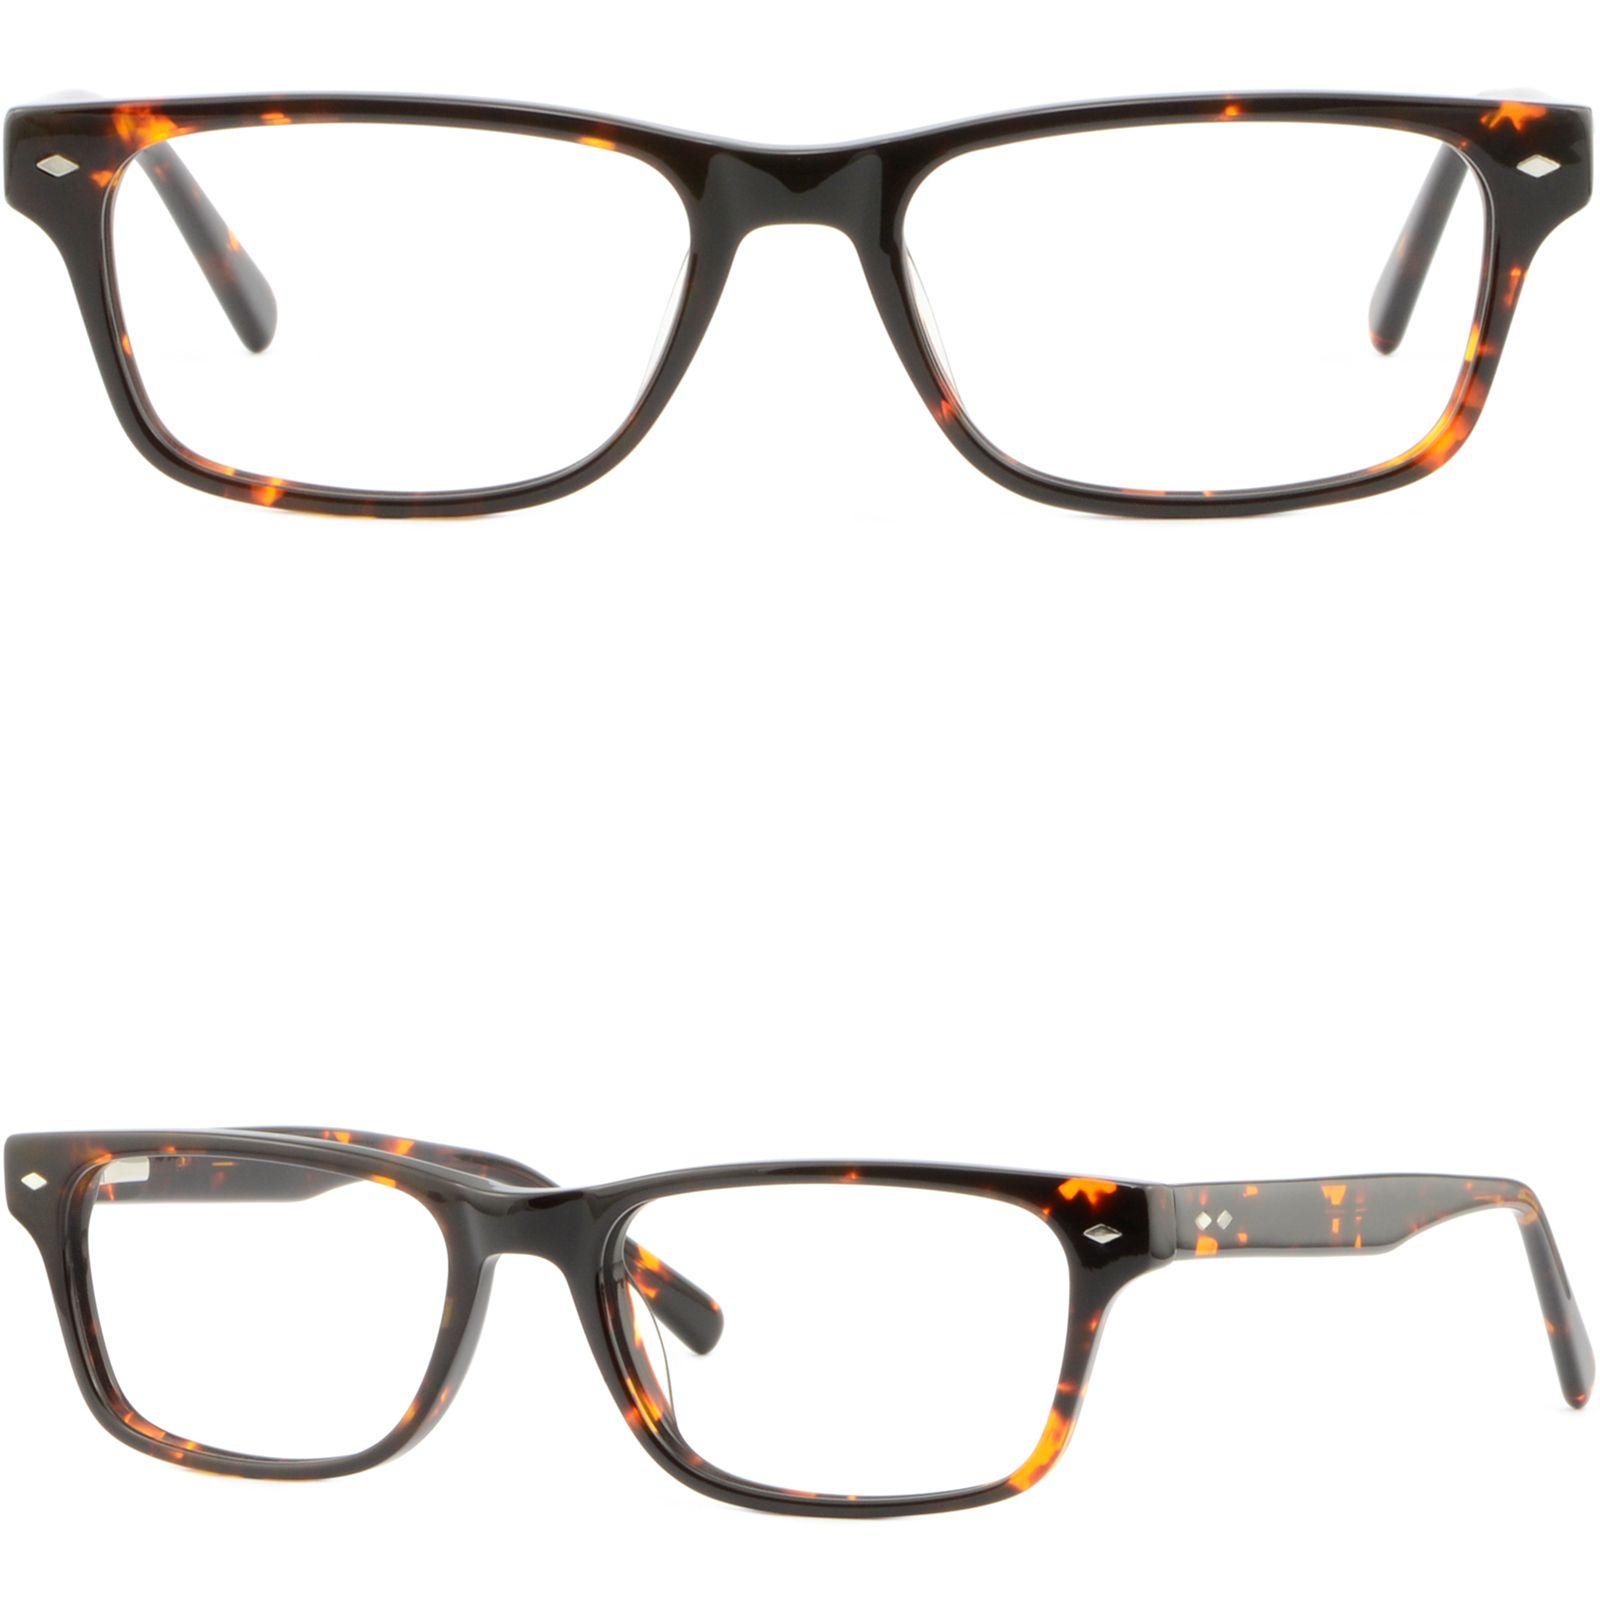 5f62031c795 Tortoiseshell Mens Womens Frames Rectangular Prescription Glasses Spring  Hinges Kids Glasses Frames Black Frame Glasses From Aceglasses